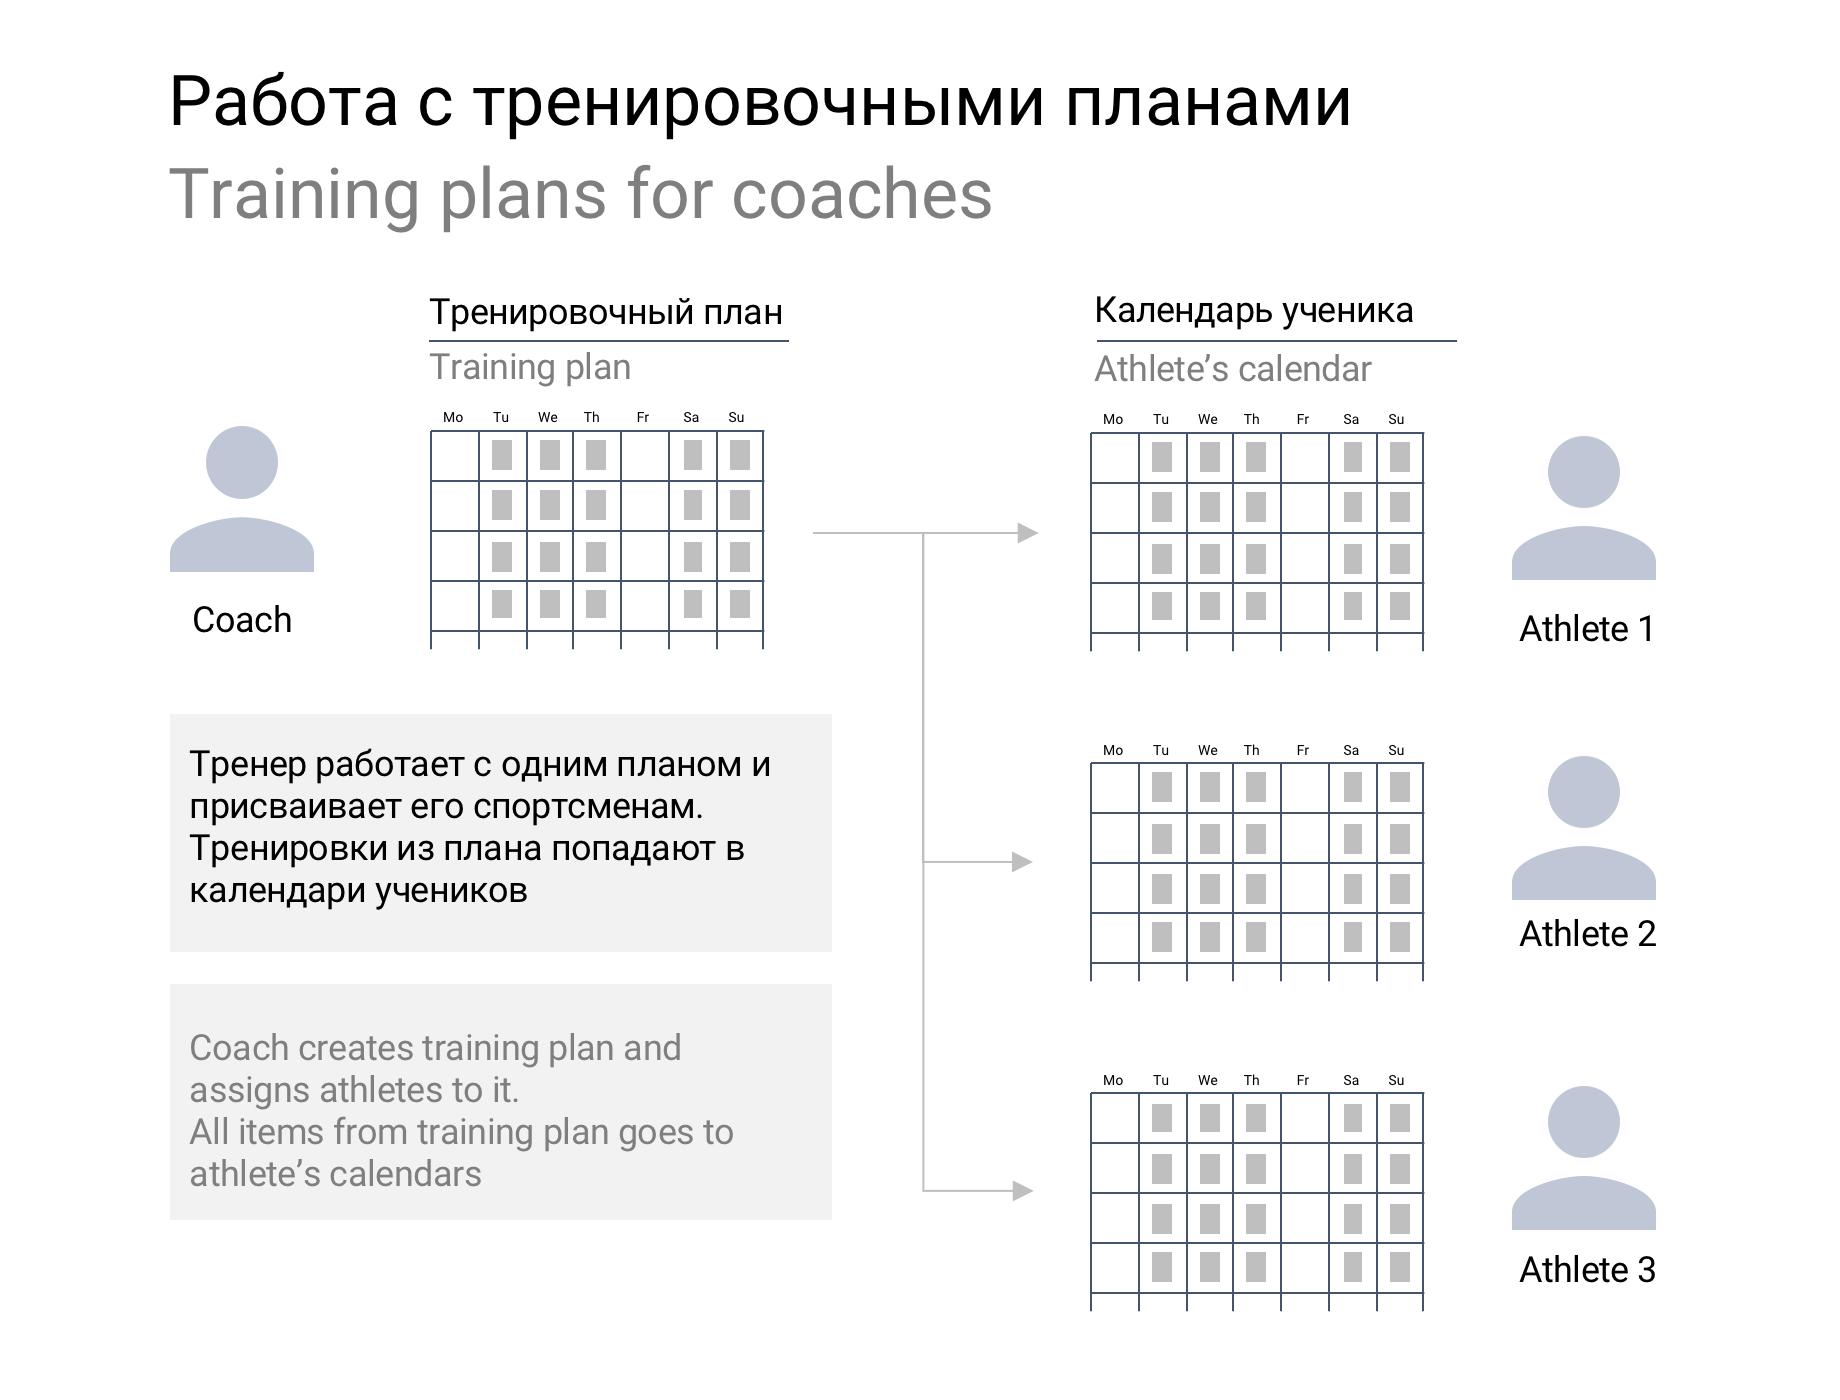 Принцип работы тренировочного плана